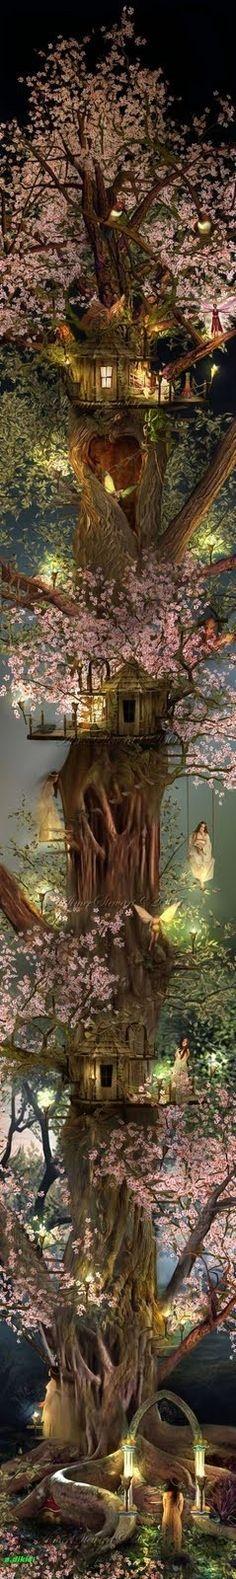 Sempre sonhei em fazer uma casa na árvore, vai ser só sonho mesmo